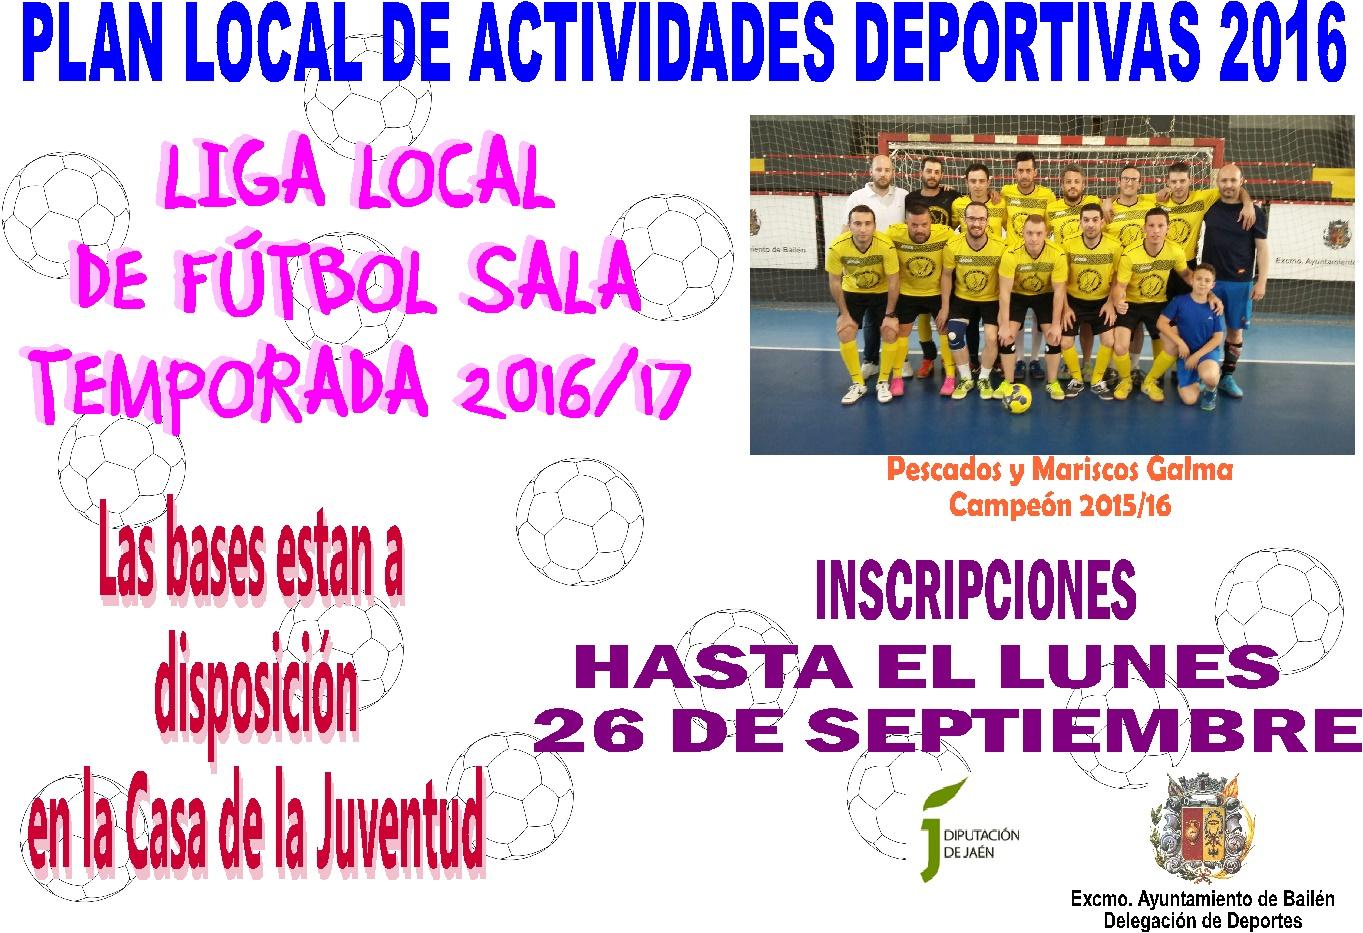 Bail n deporte liga local de f tbol sala temporada 2016 17 for Federacion de futbol sala